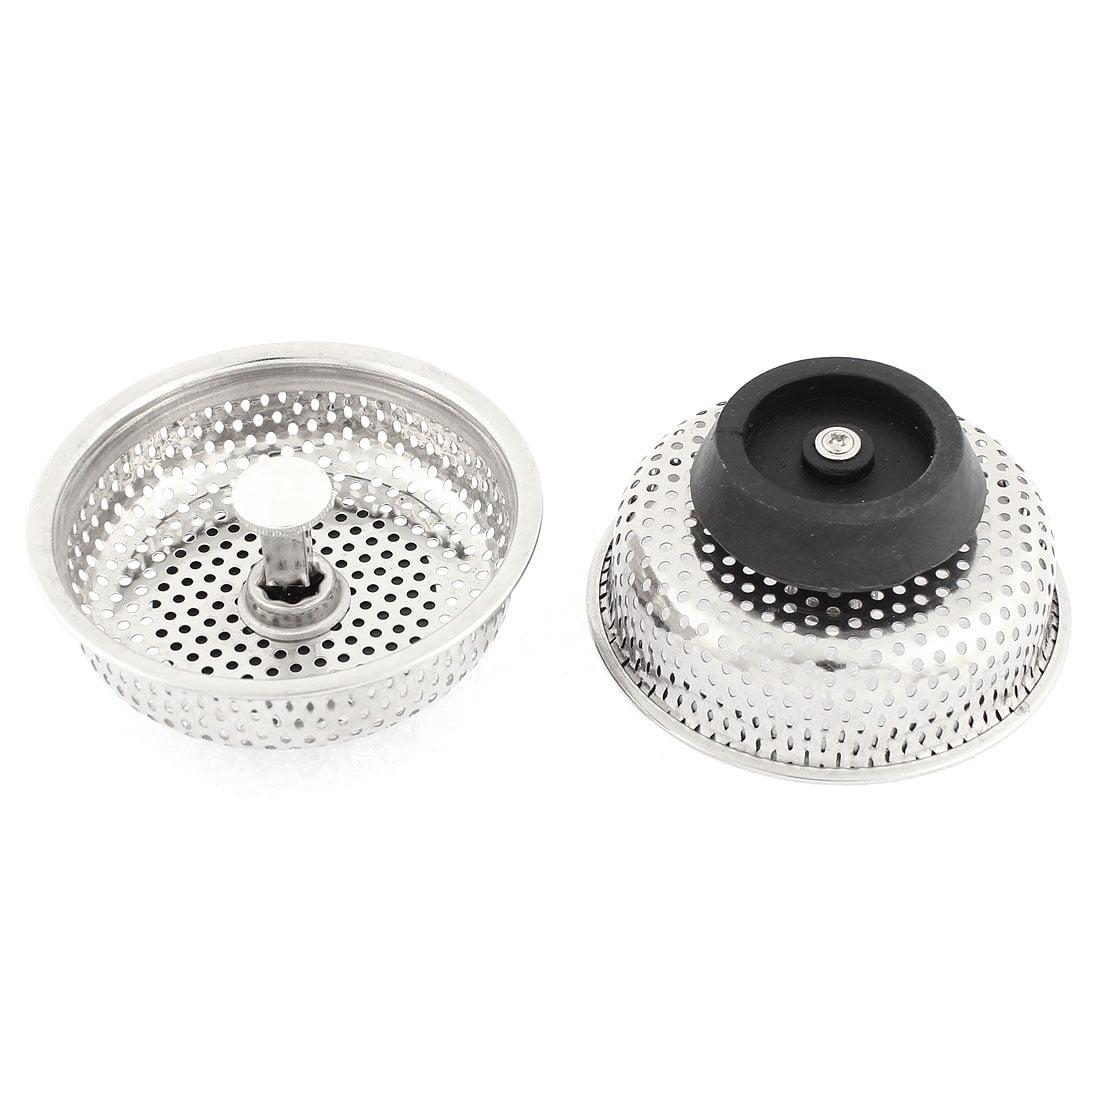 2 Pcs Mesh Kitchen Waste Filter Basket Sink Strainer Stopper Clog Preventing